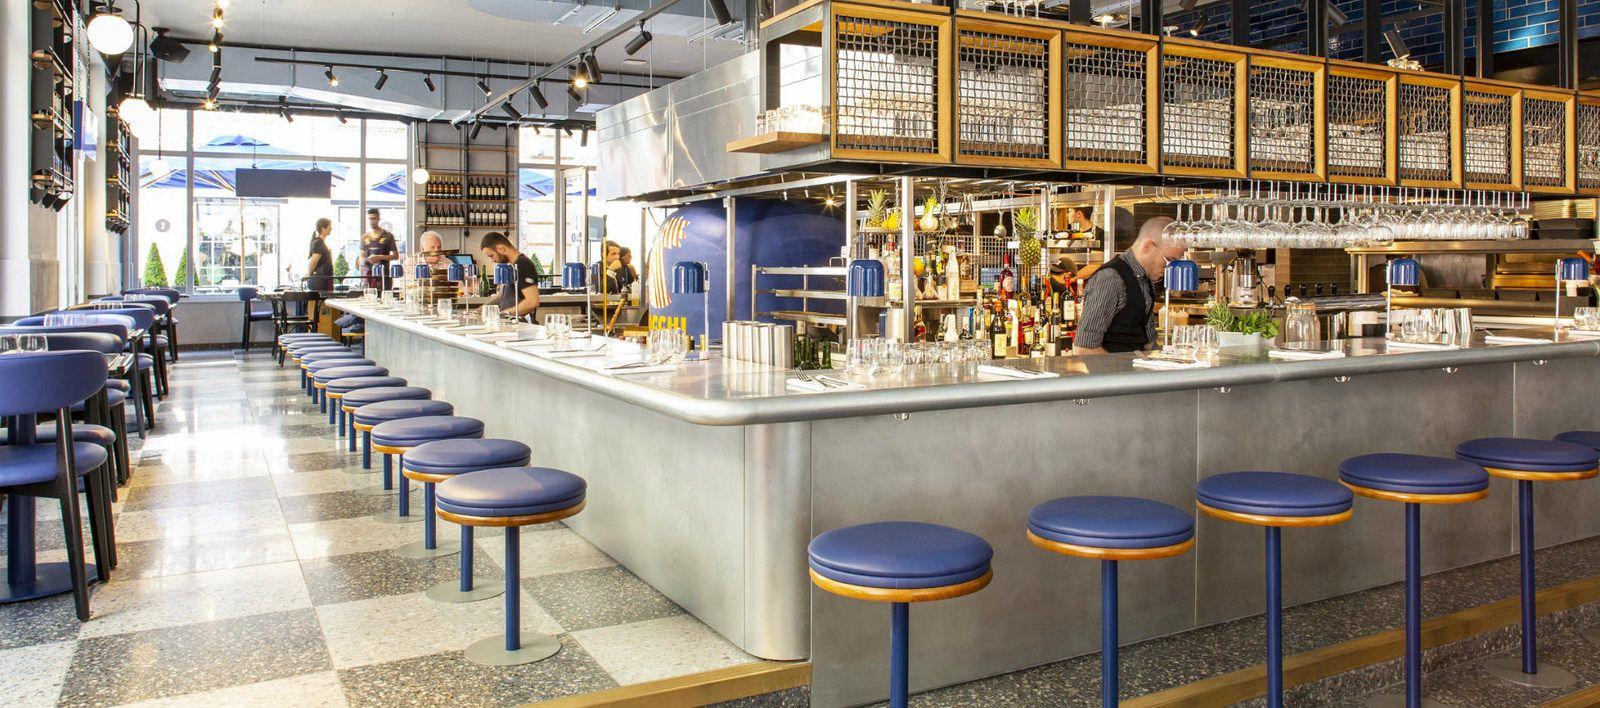 204 - Temper Covent Garden Zinc Bar Top | Zinc bar top ...